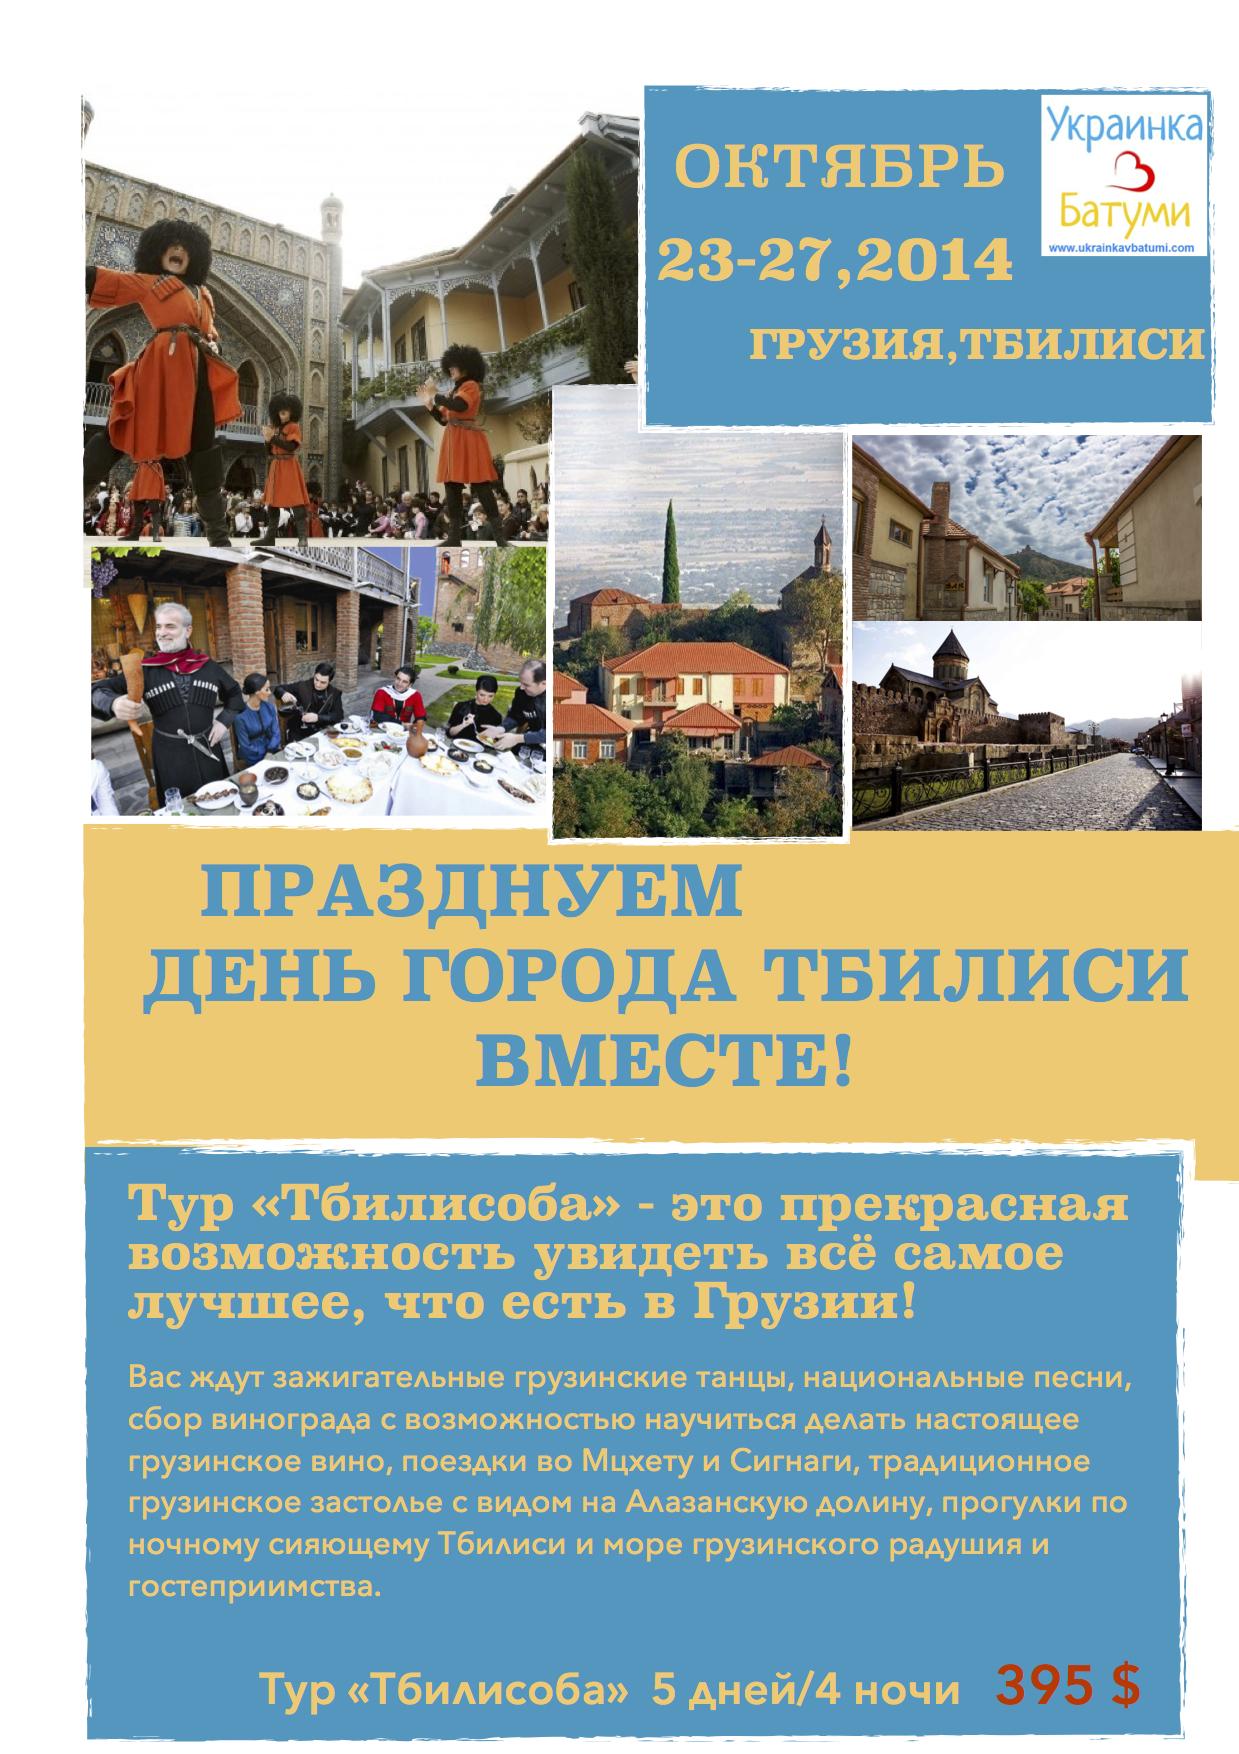 реклама Тбилисоба